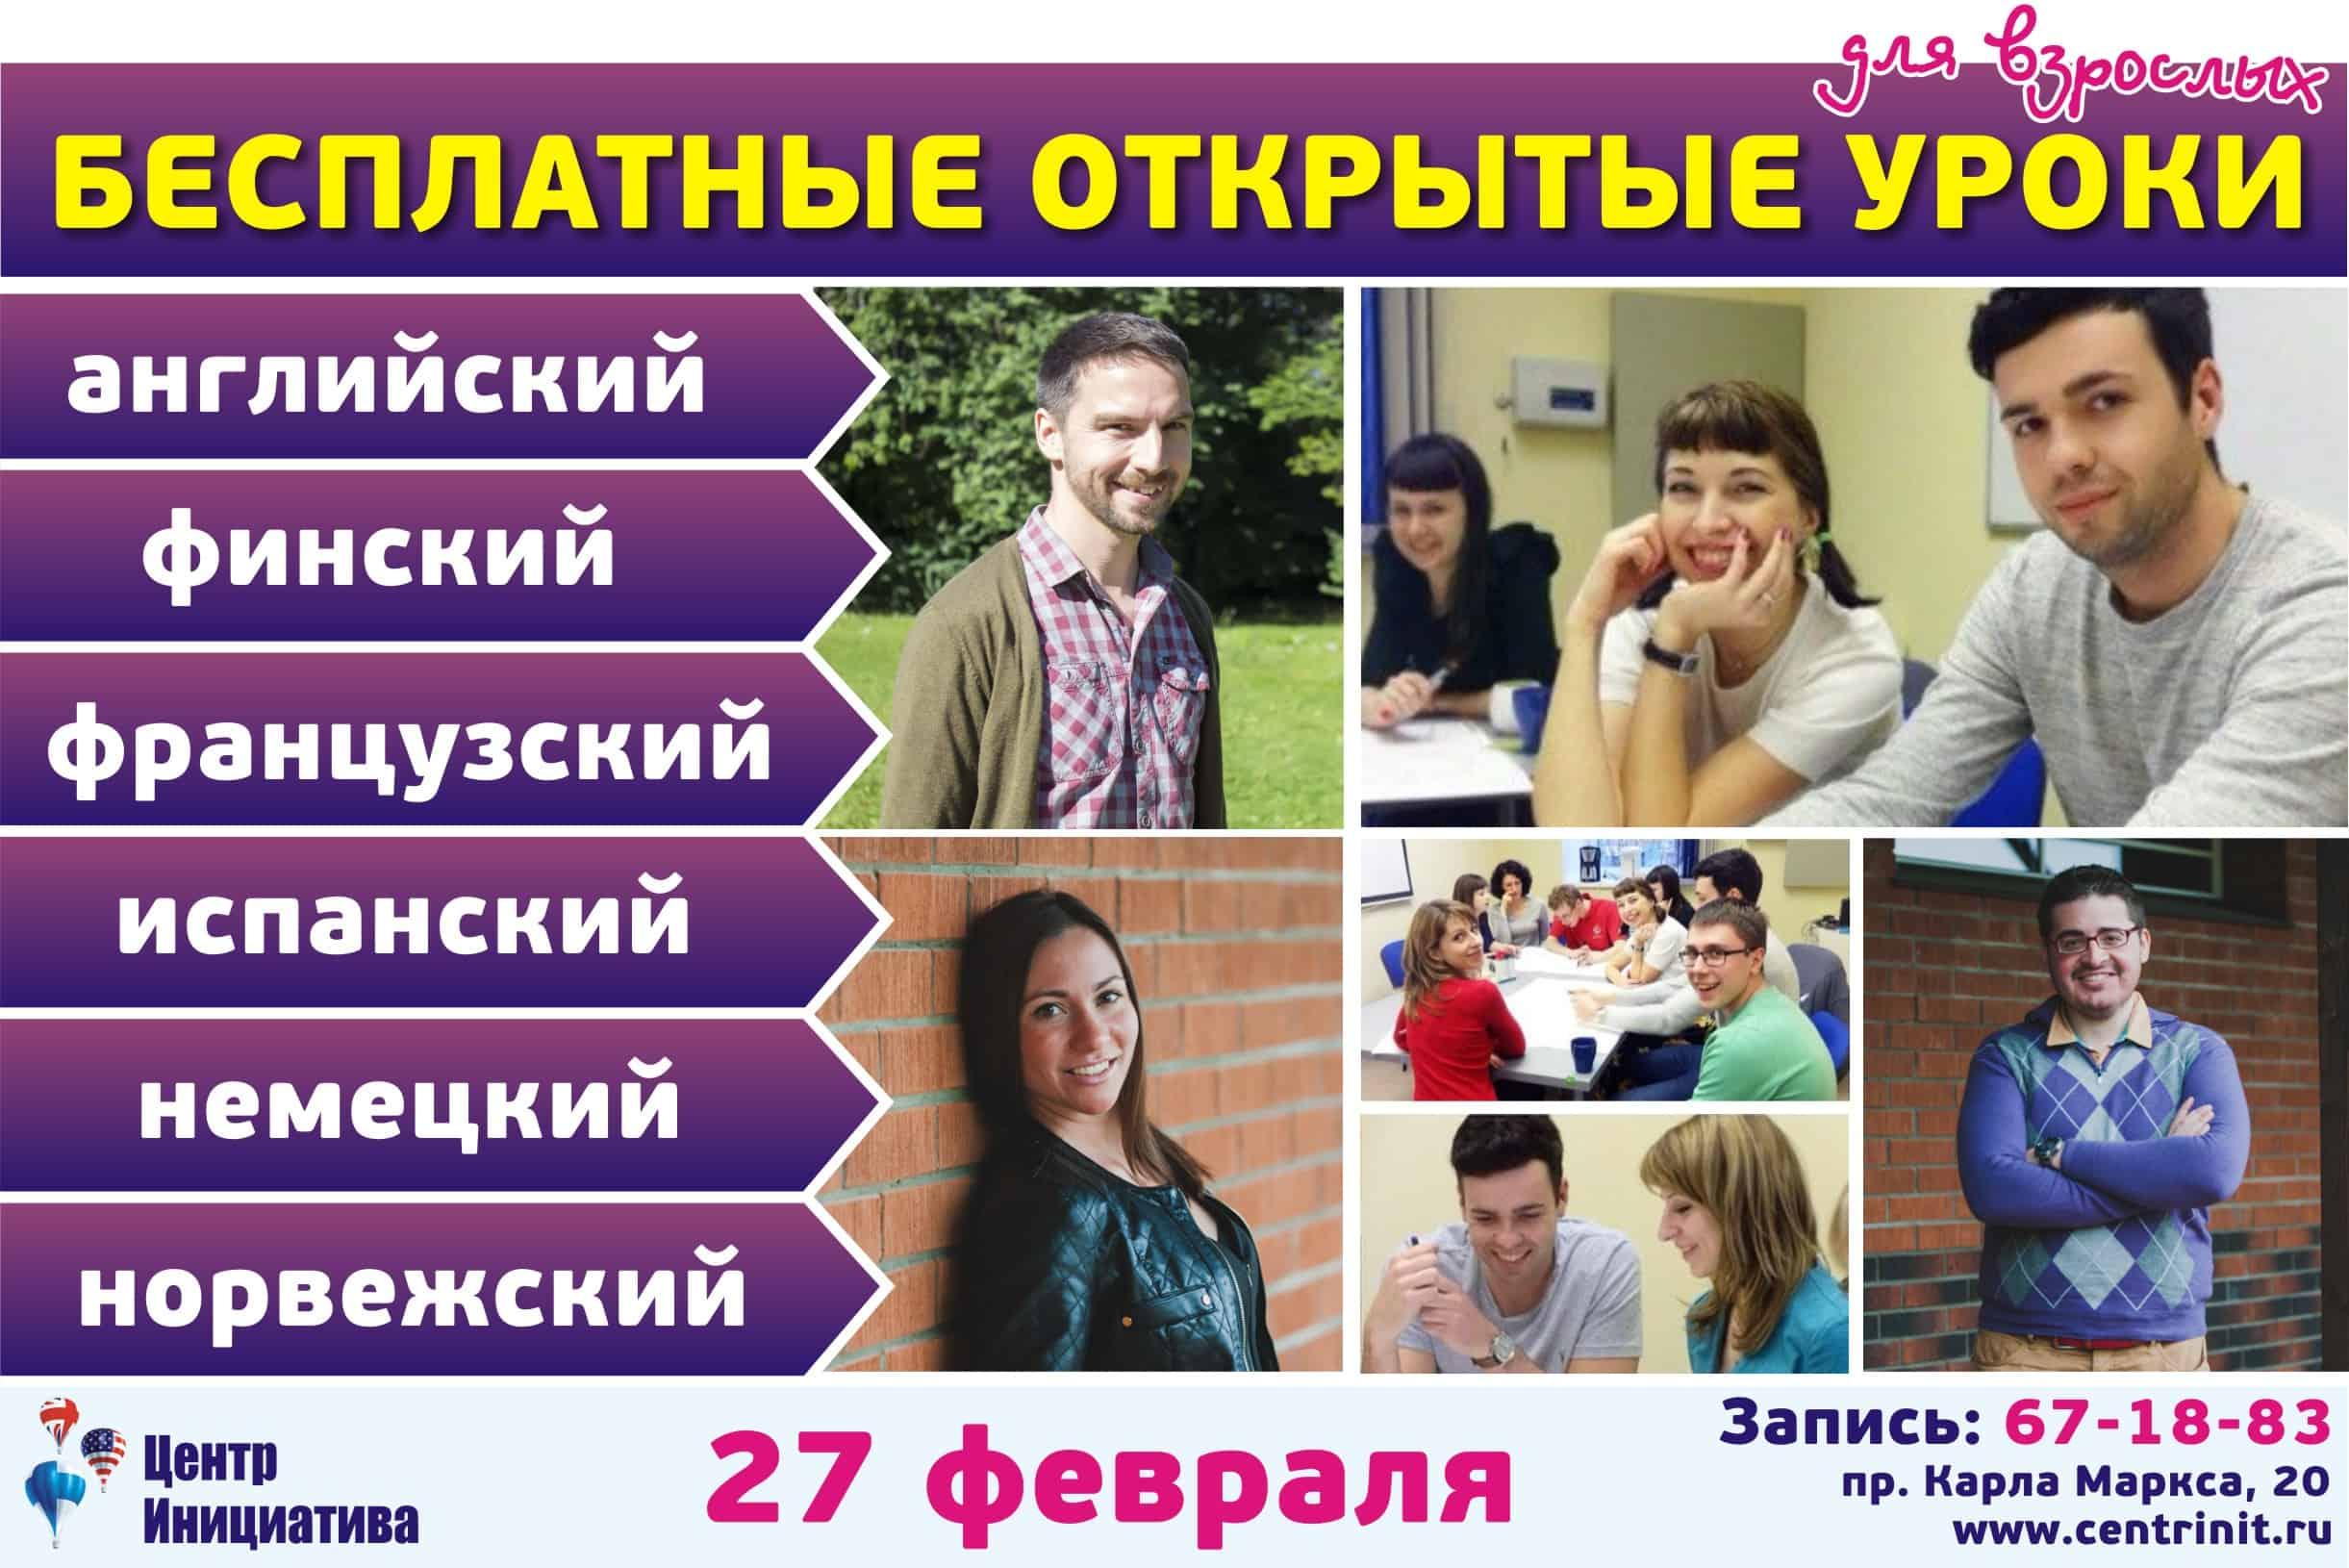 Петрозаводчан приглашают на бесплатные уроки иностранных языков